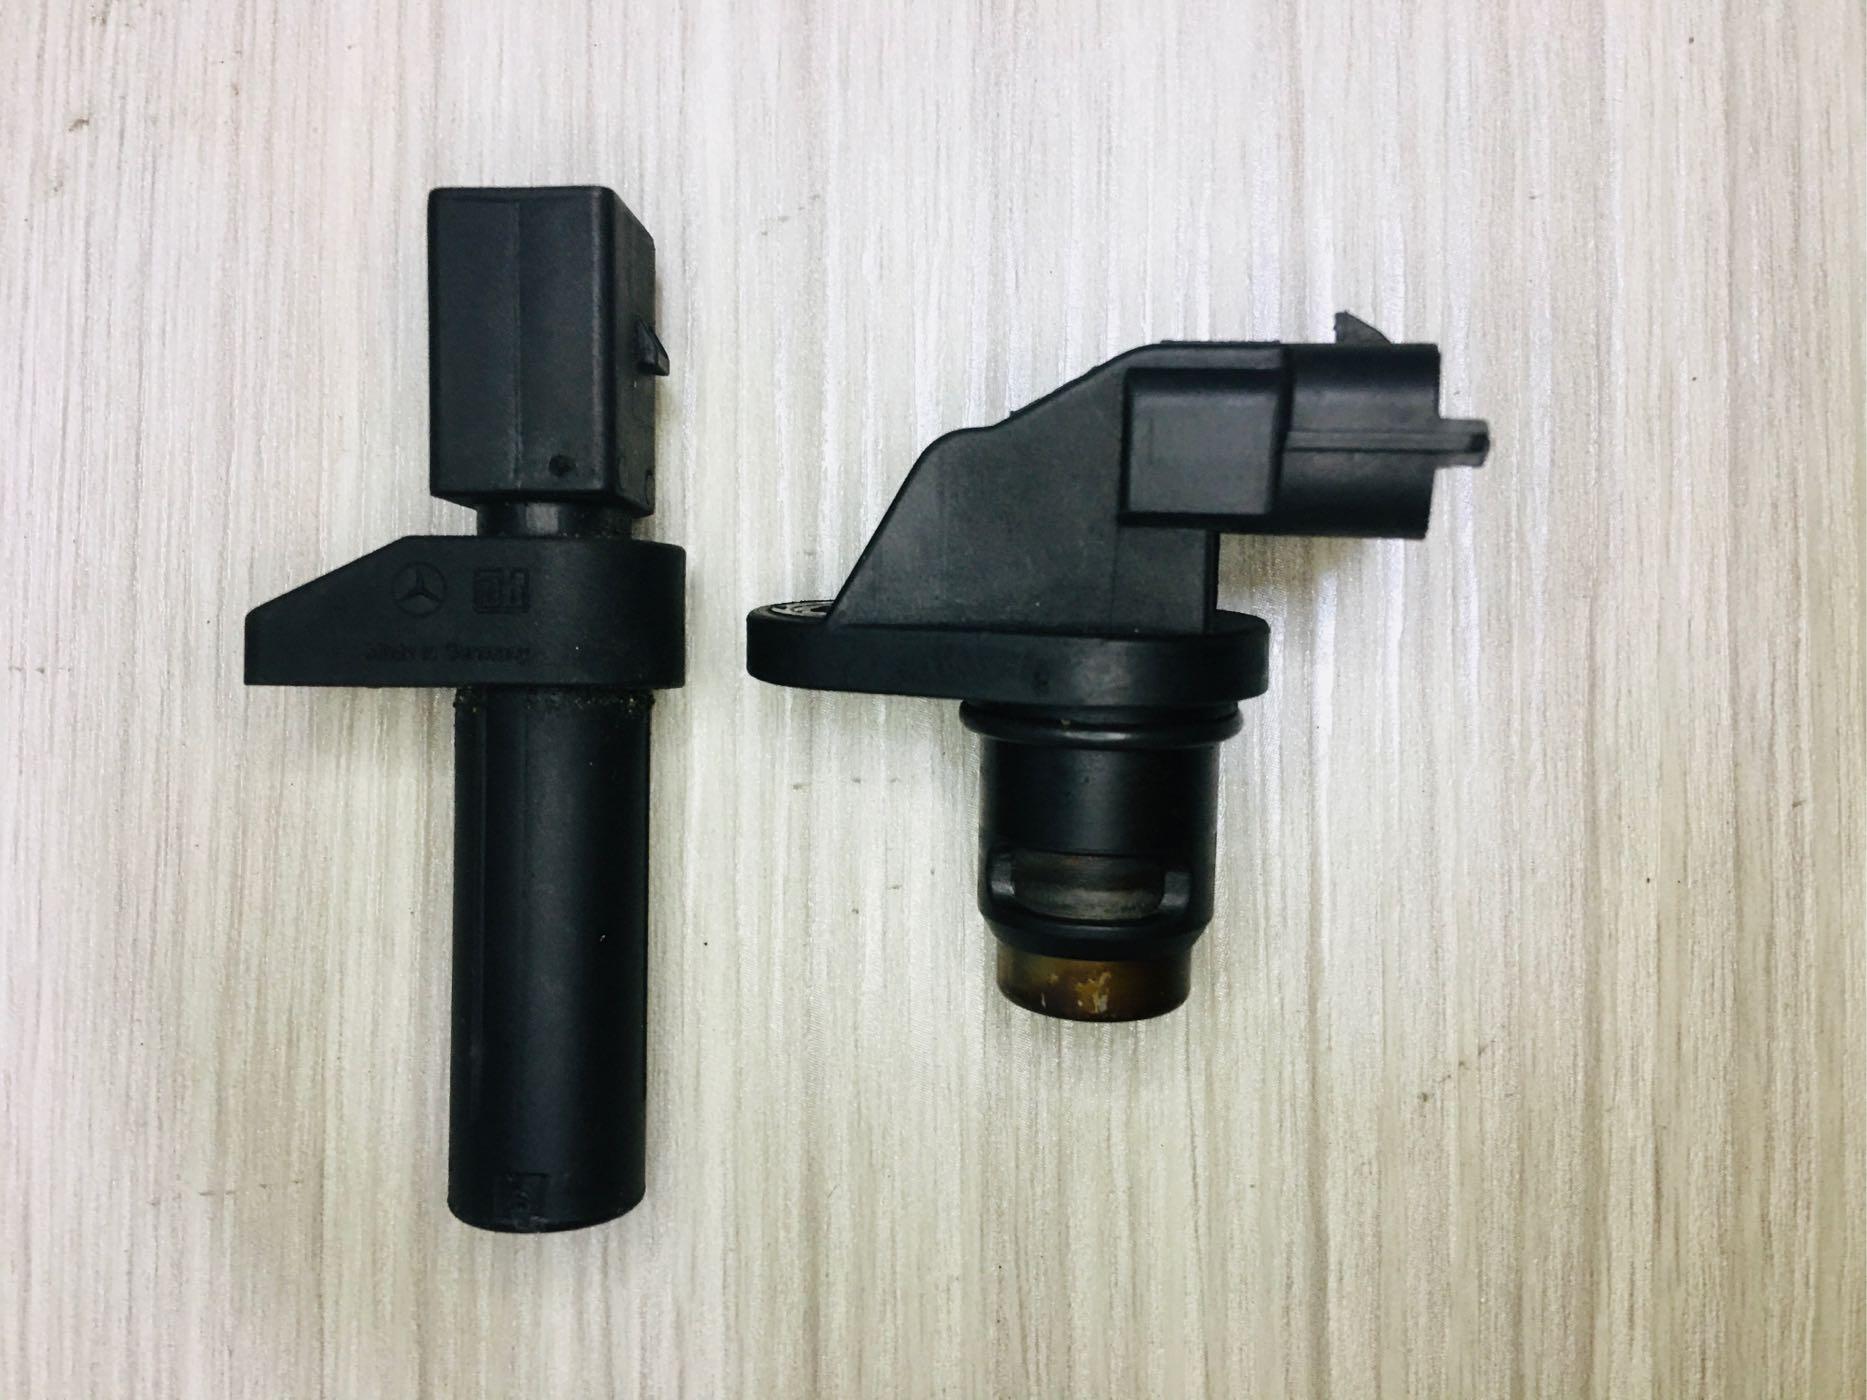 BENZ 曲軸感知器 凸輪軸 W163 W202 W204 W210 W211 W220 8成新 正原廠